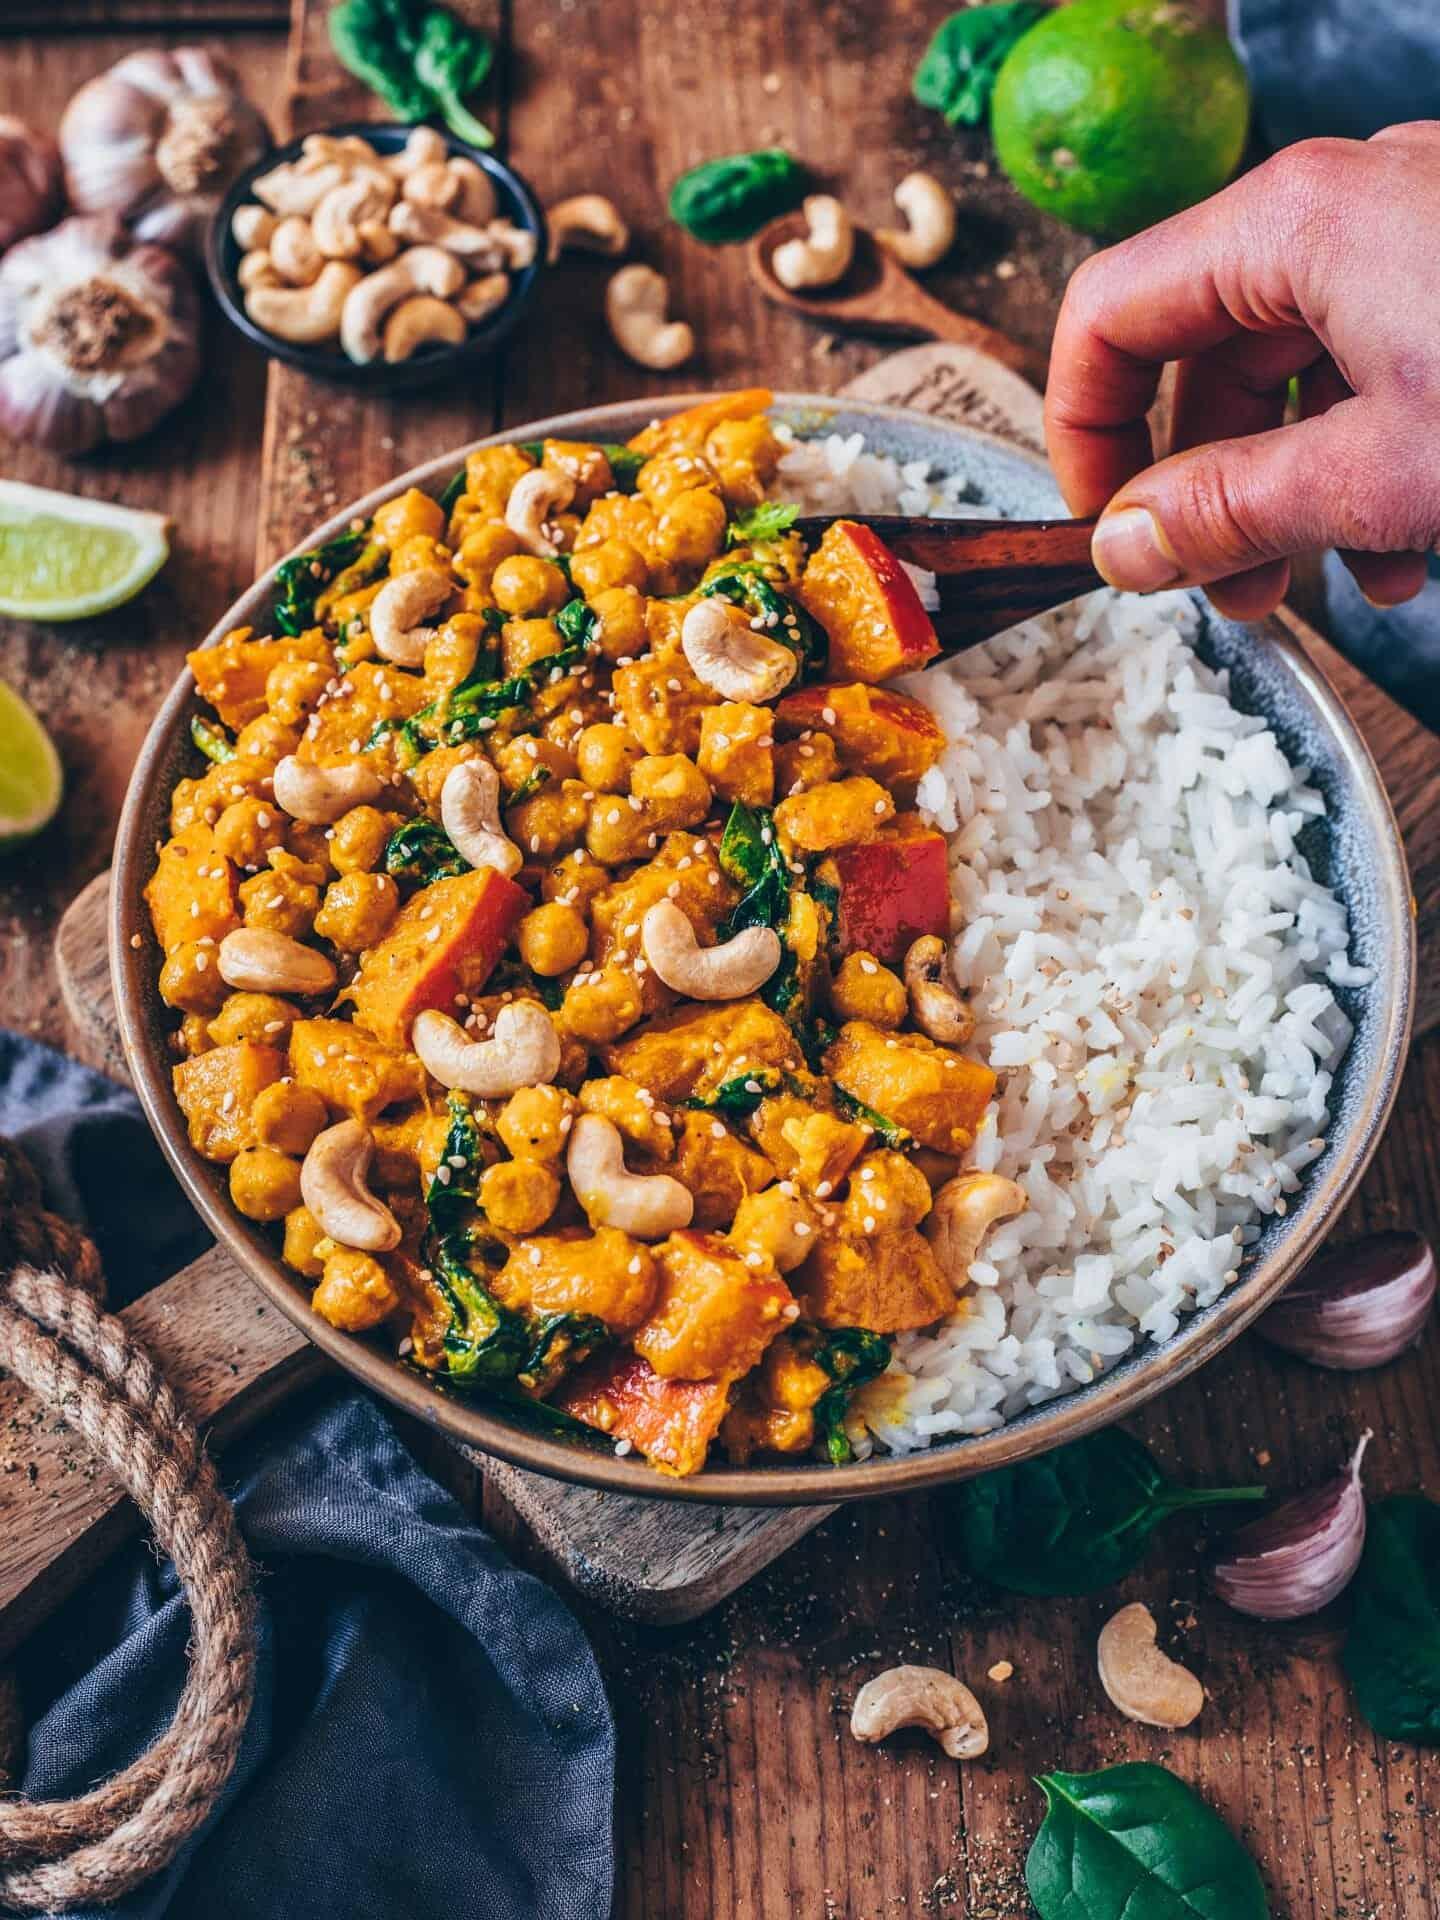 Dieses cremige vegane Kürbis-Kichererbsen-Curry mit Spinat ist das perfekte Wohlfühlessen. Es schmeckt so köstlich, ist gesund, einfach zubereitet, und in weniger als 25 Minuten fertig!